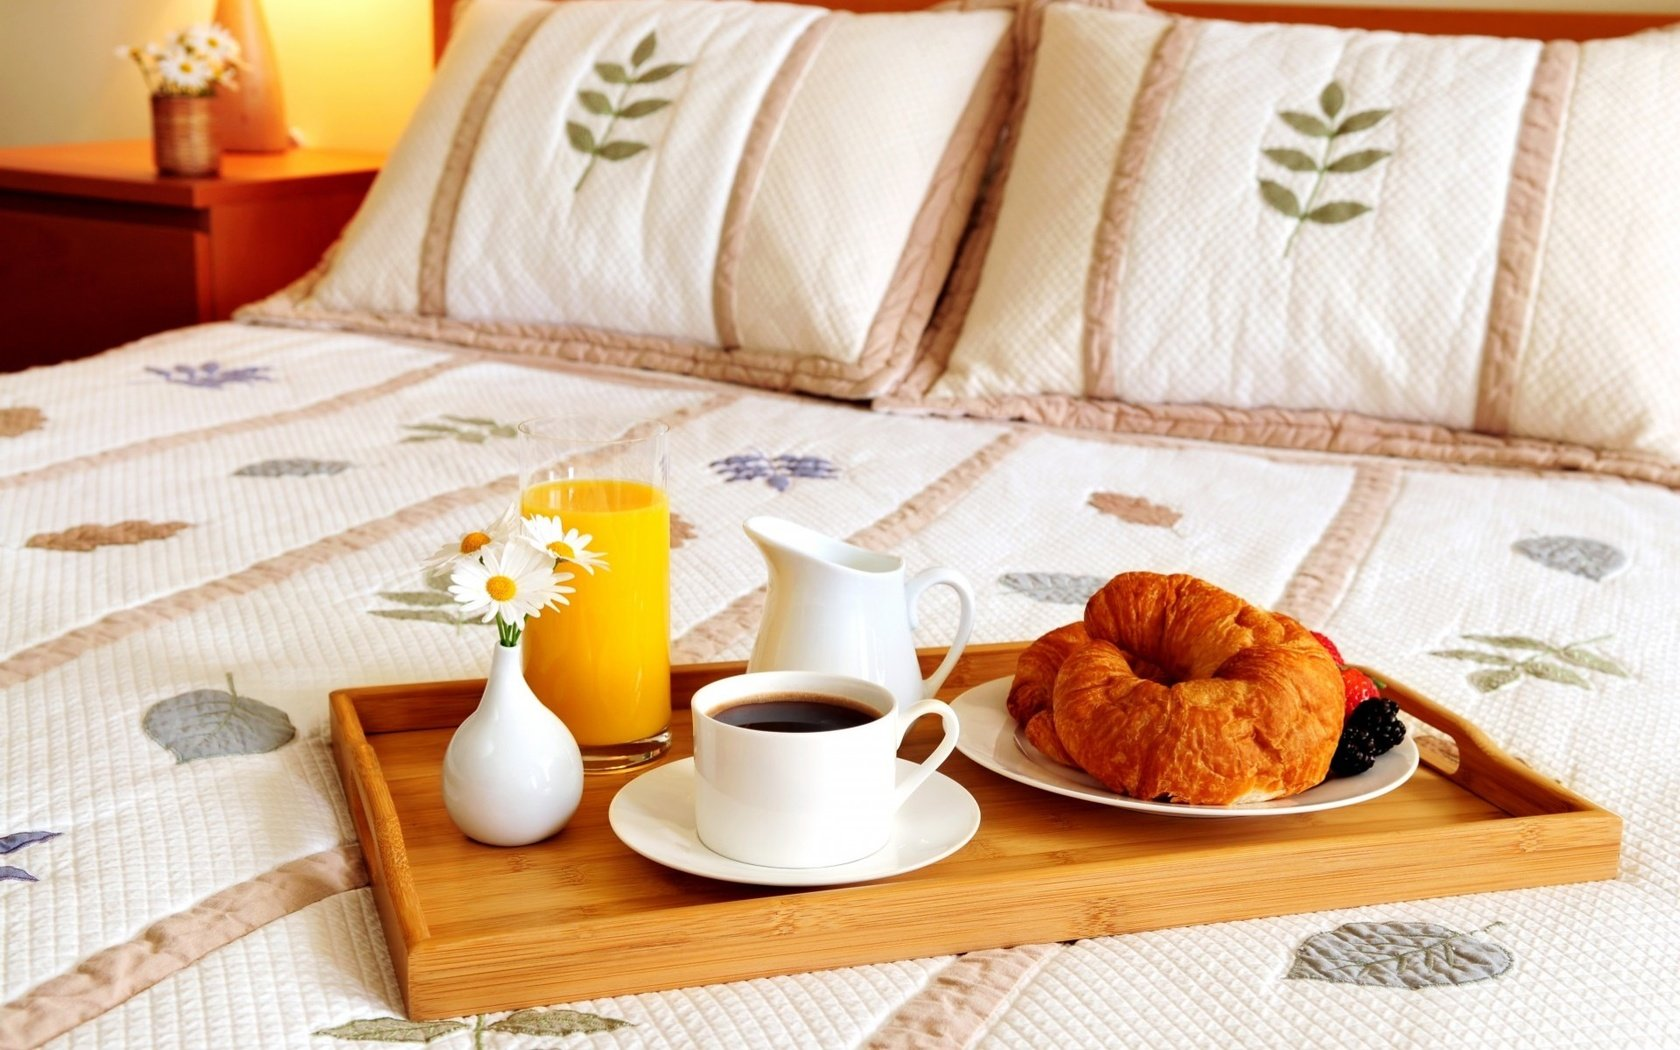 эта картинка поднос с кофе на утро польше